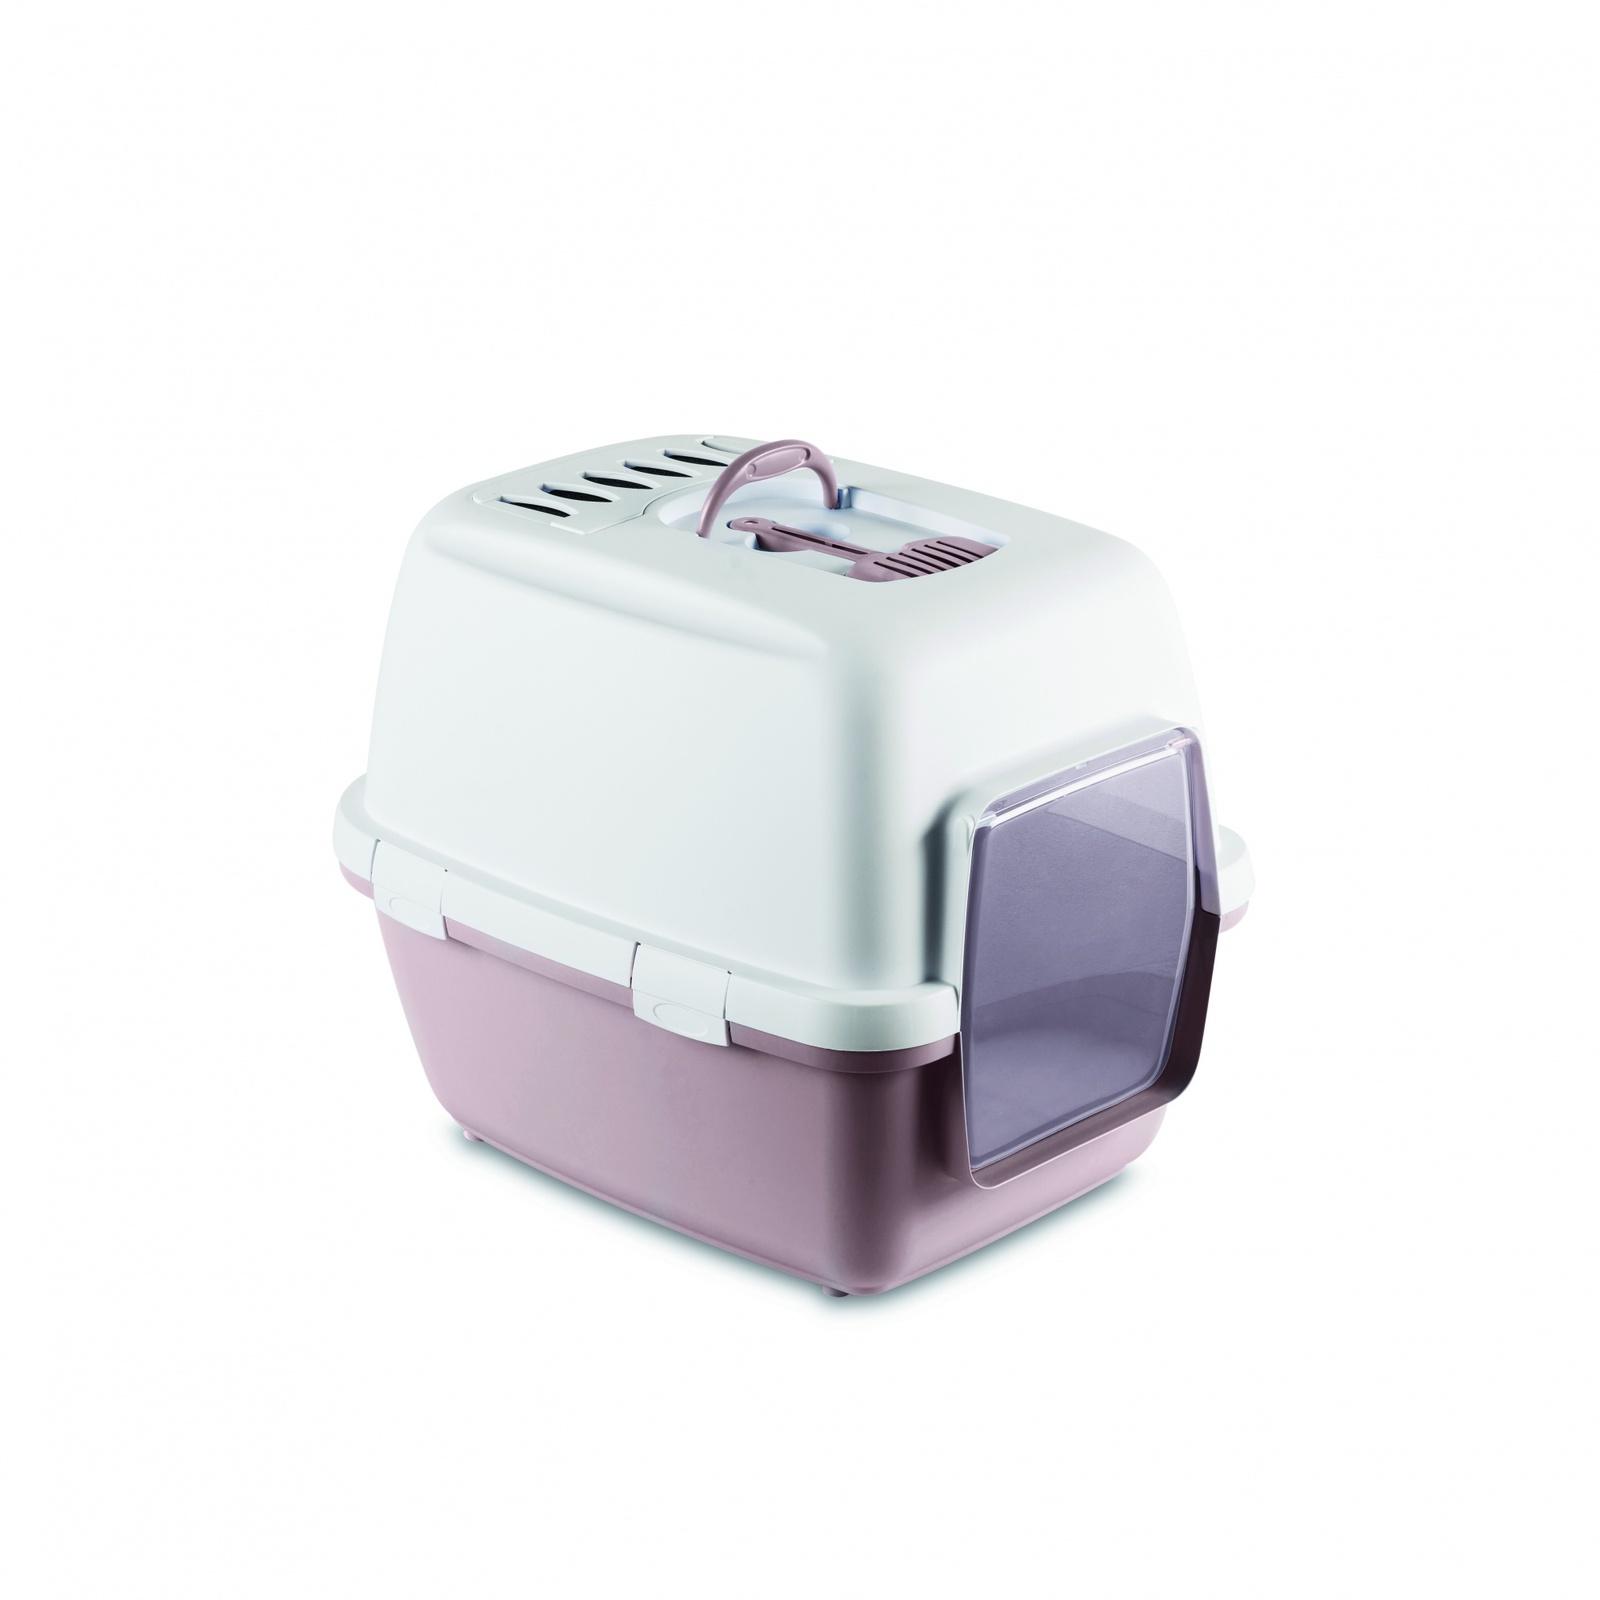 Stefanplast Туалет-домик Cathy Comfort с угольным фильтром и совочком, пудровый, 58х45х48 см (2,05 кг)